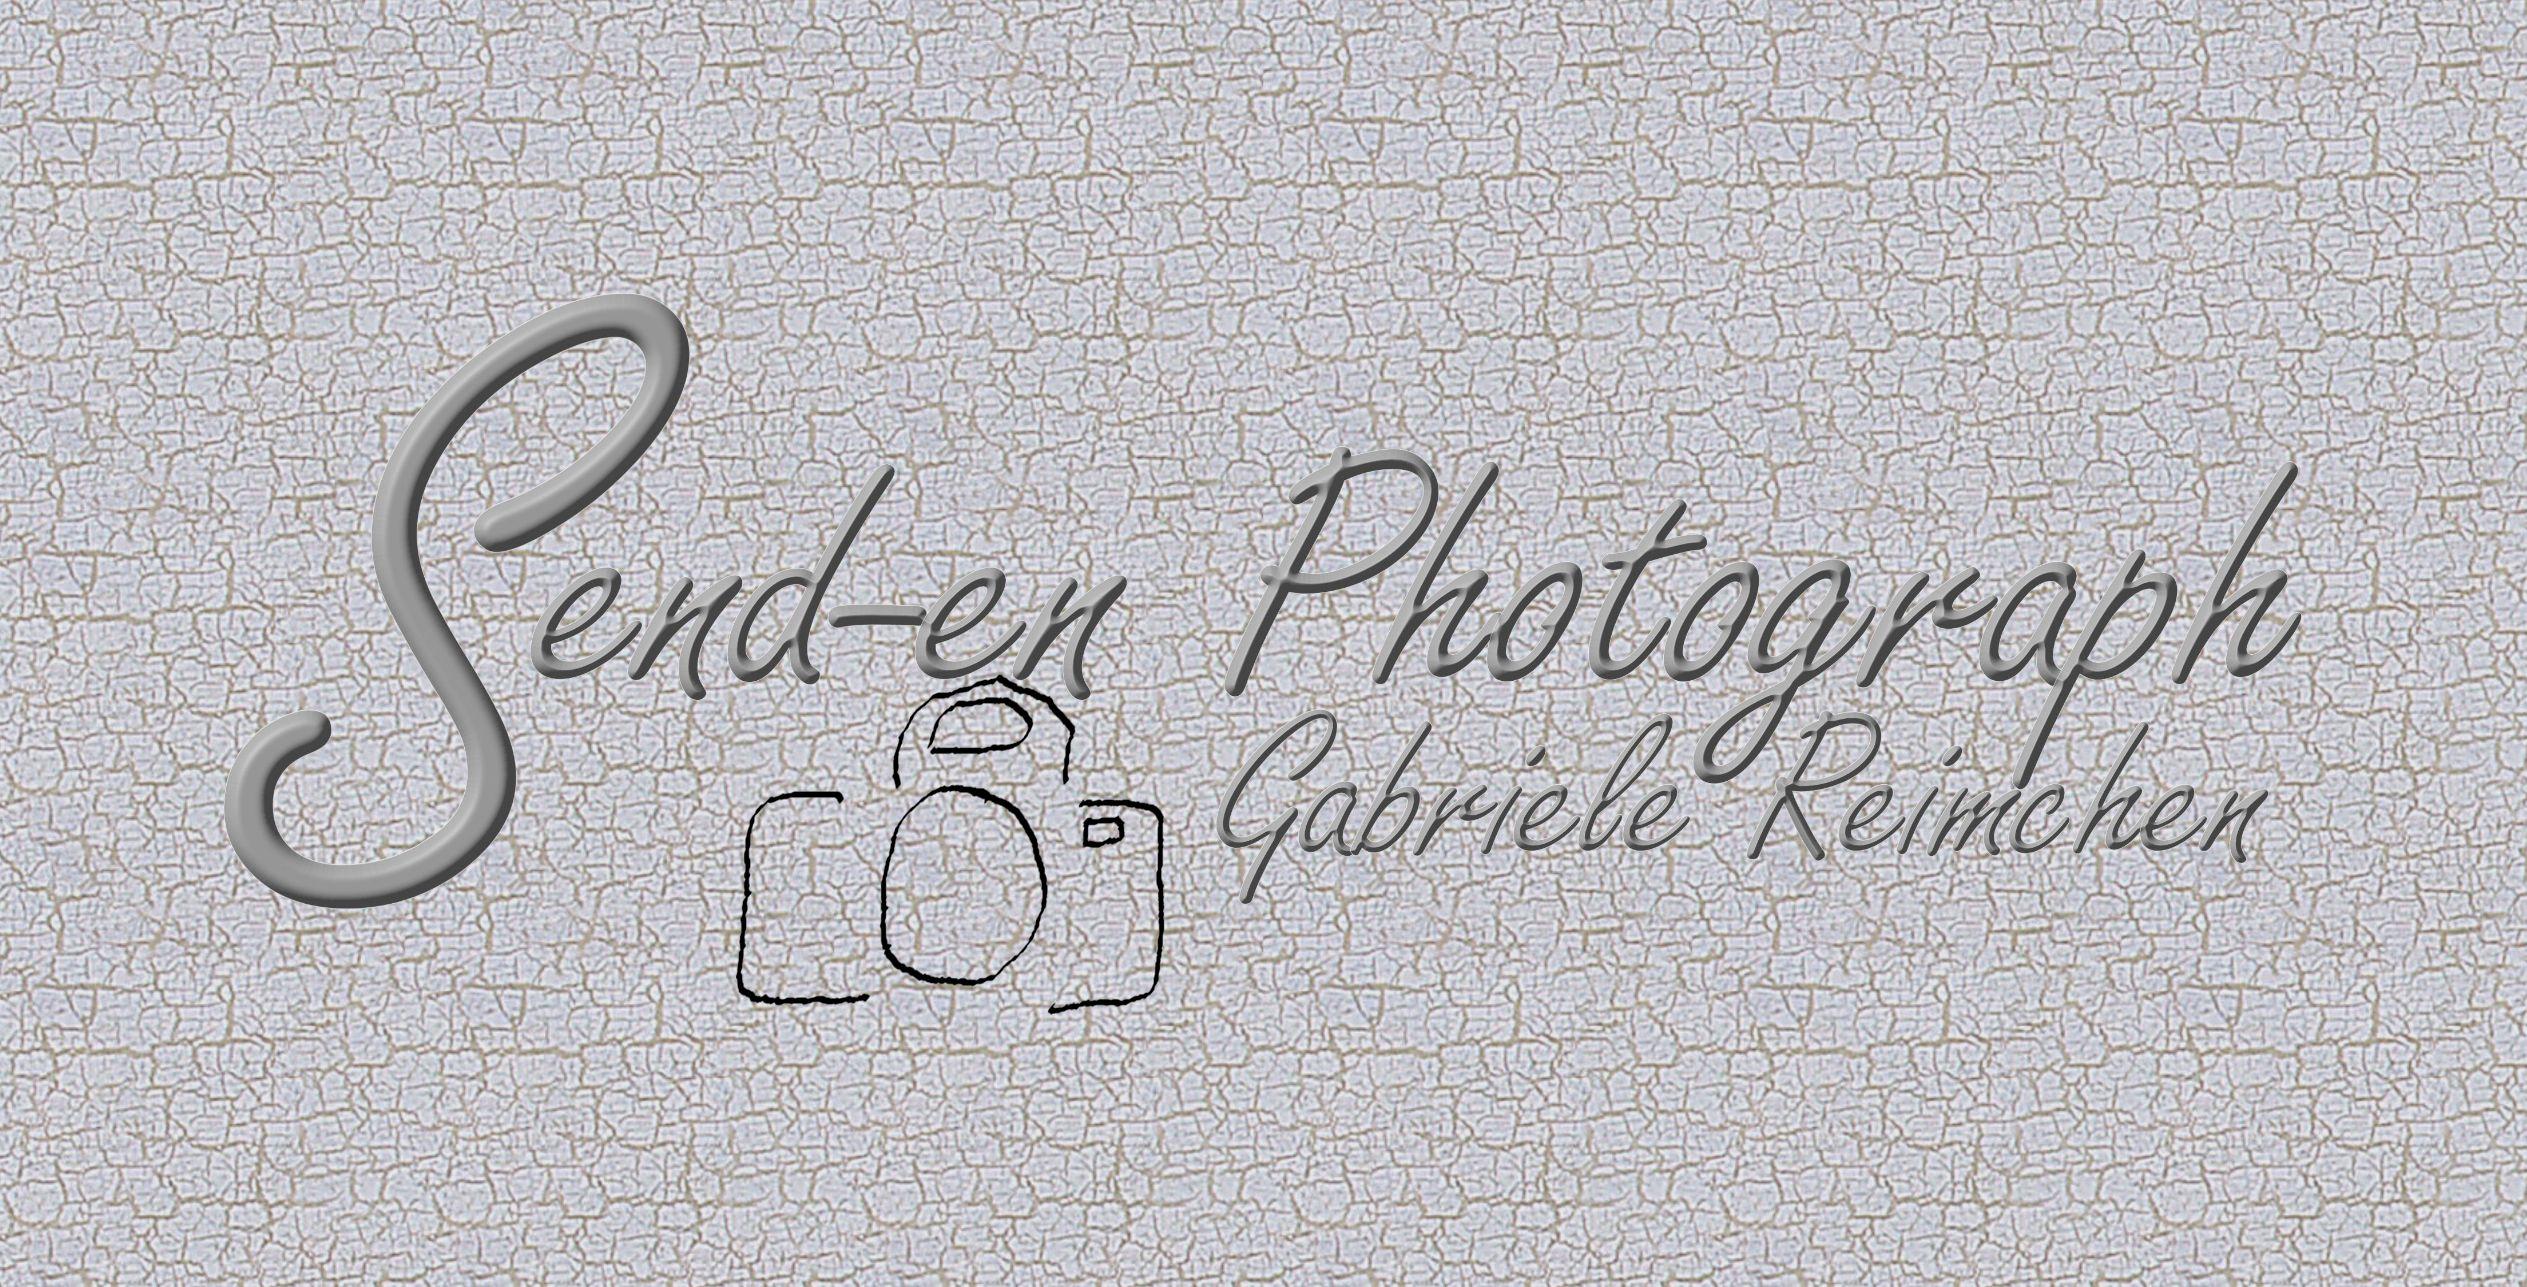 SEND-EN PHOTOGRAPH